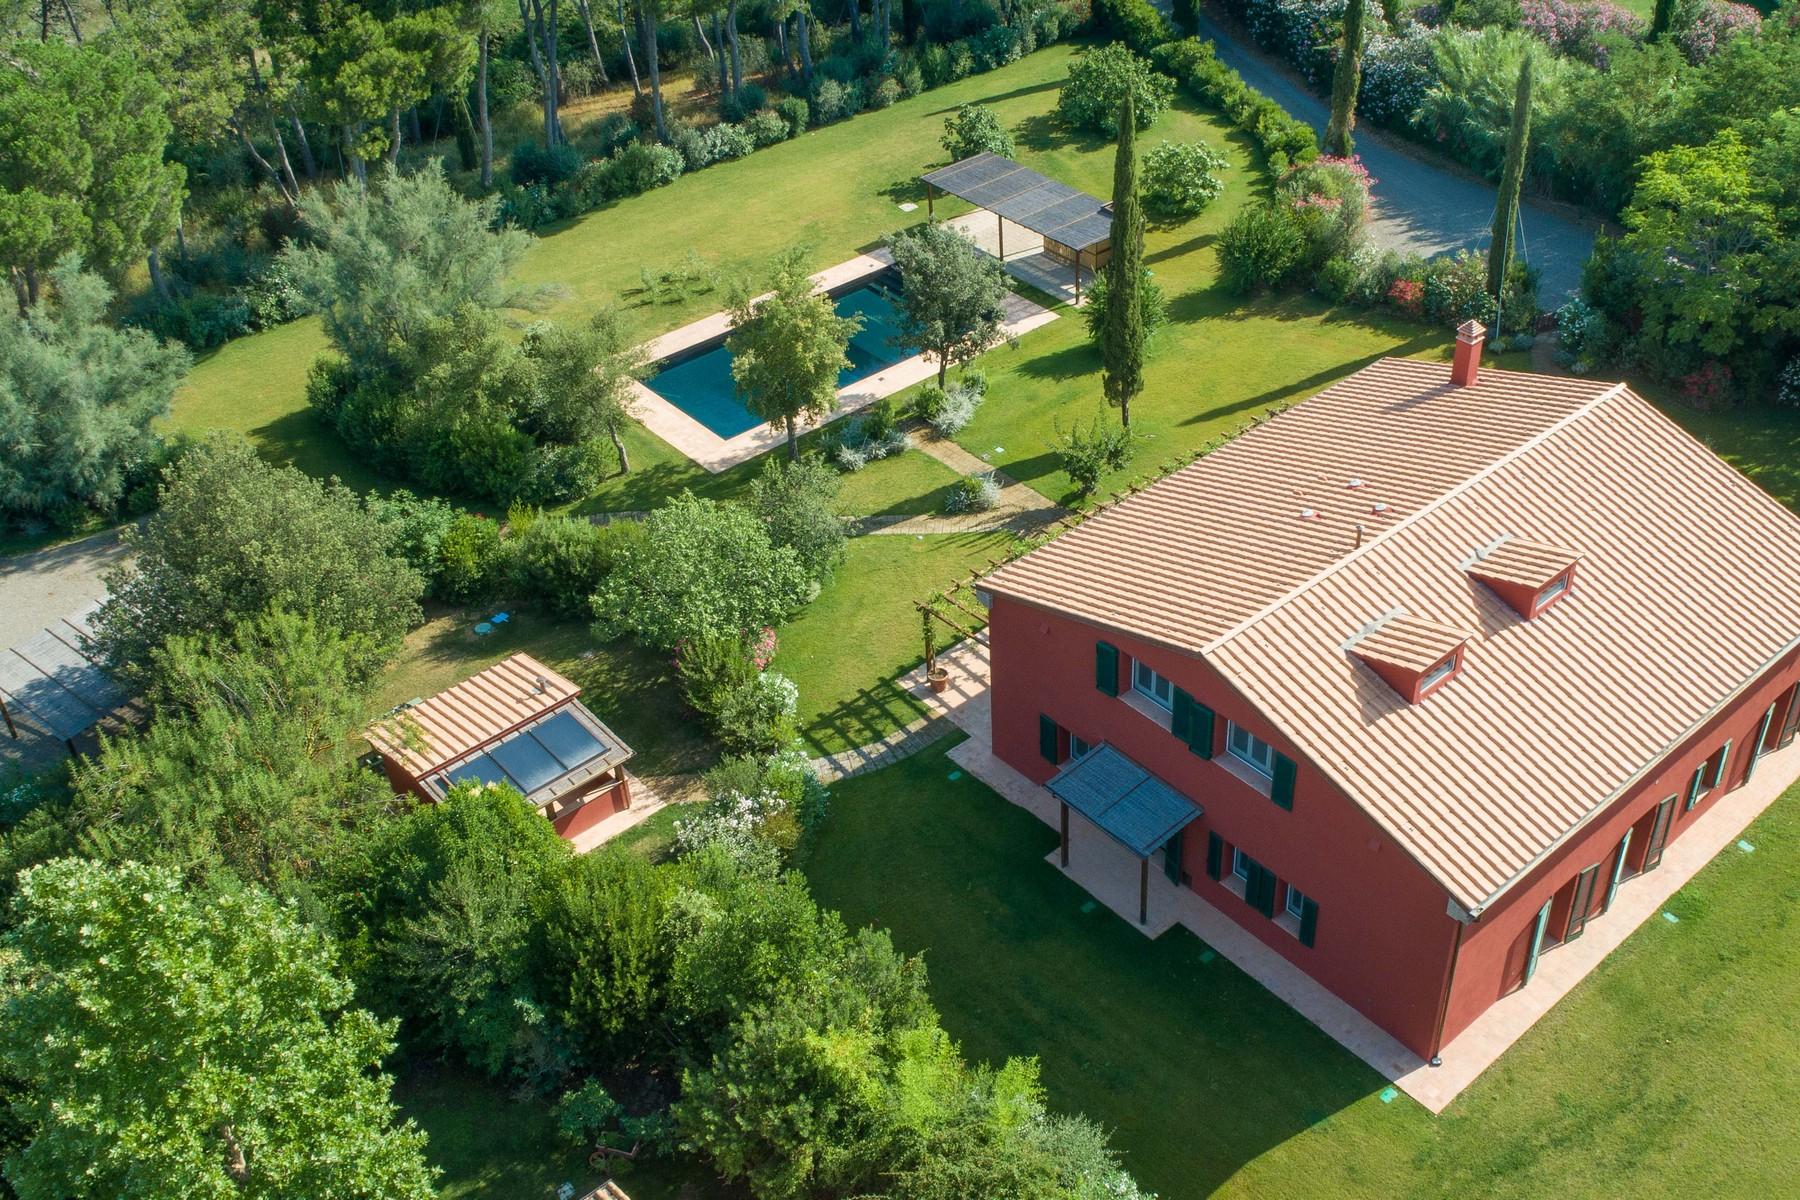 Villa in Vendita a Magliano In Toscana: 5 locali, 438 mq - Foto 14